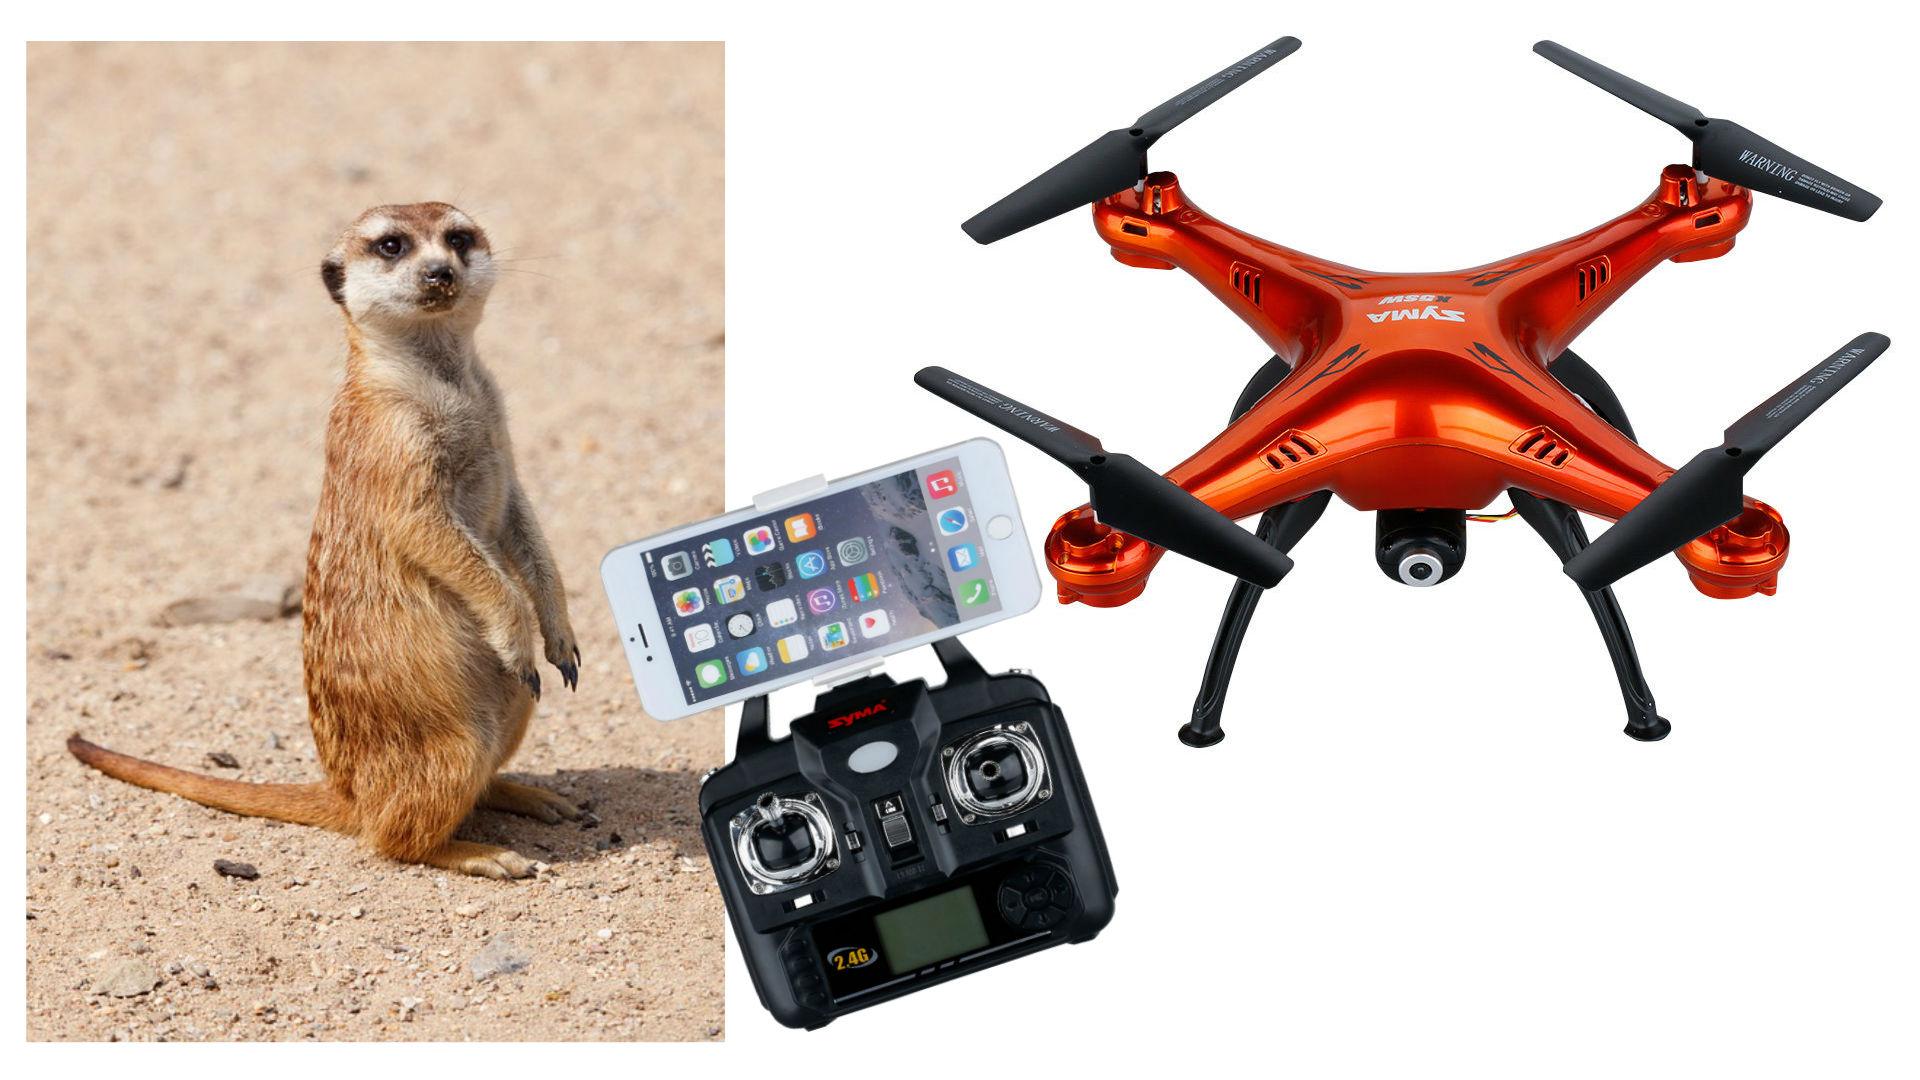 drone_syma_x5sw.jpg